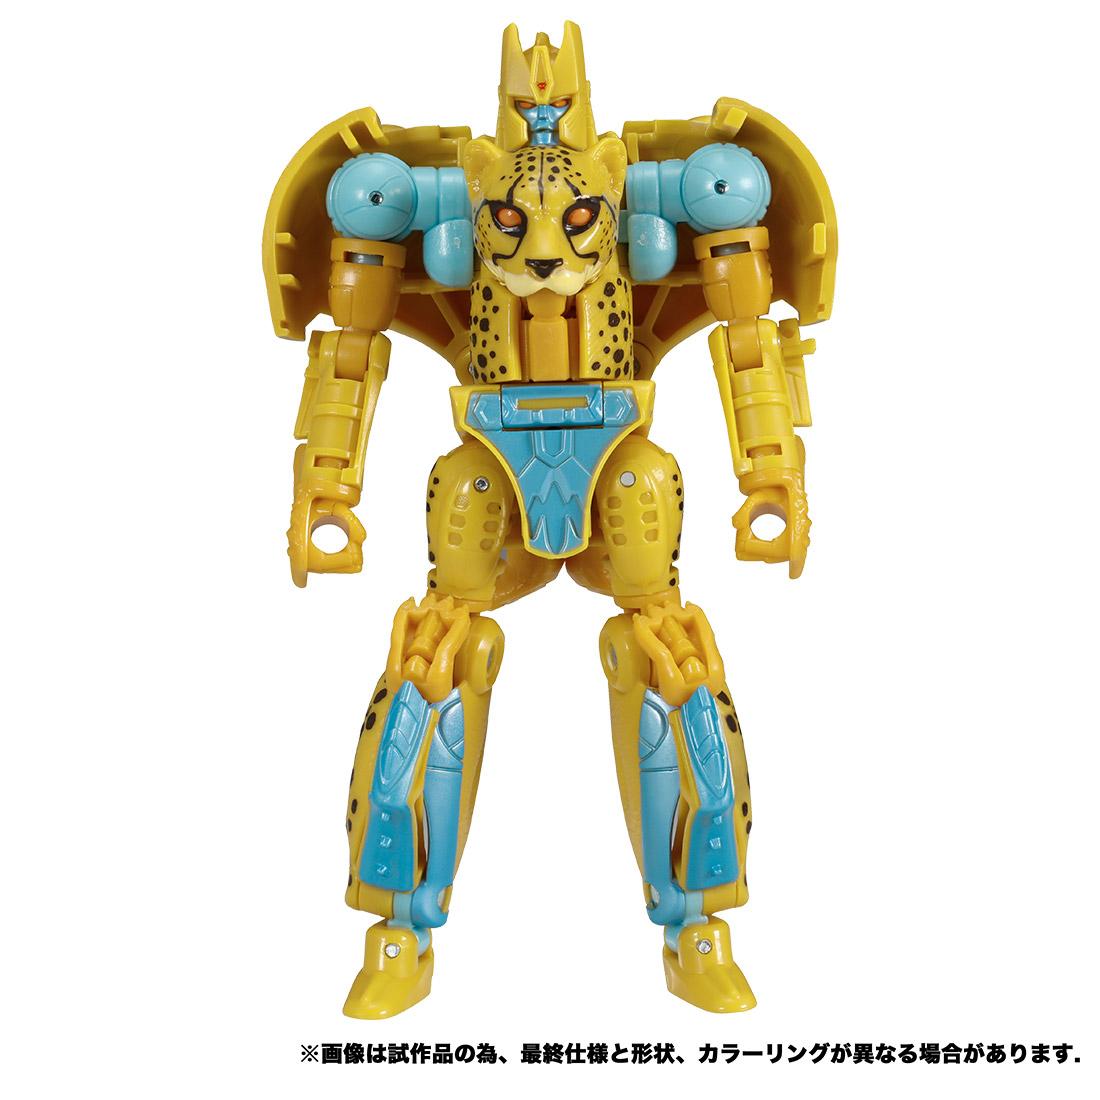 トランスフォーマー キングダム『KD-03 チーター』ビーストウォーズ 可変可動フィギュア-006